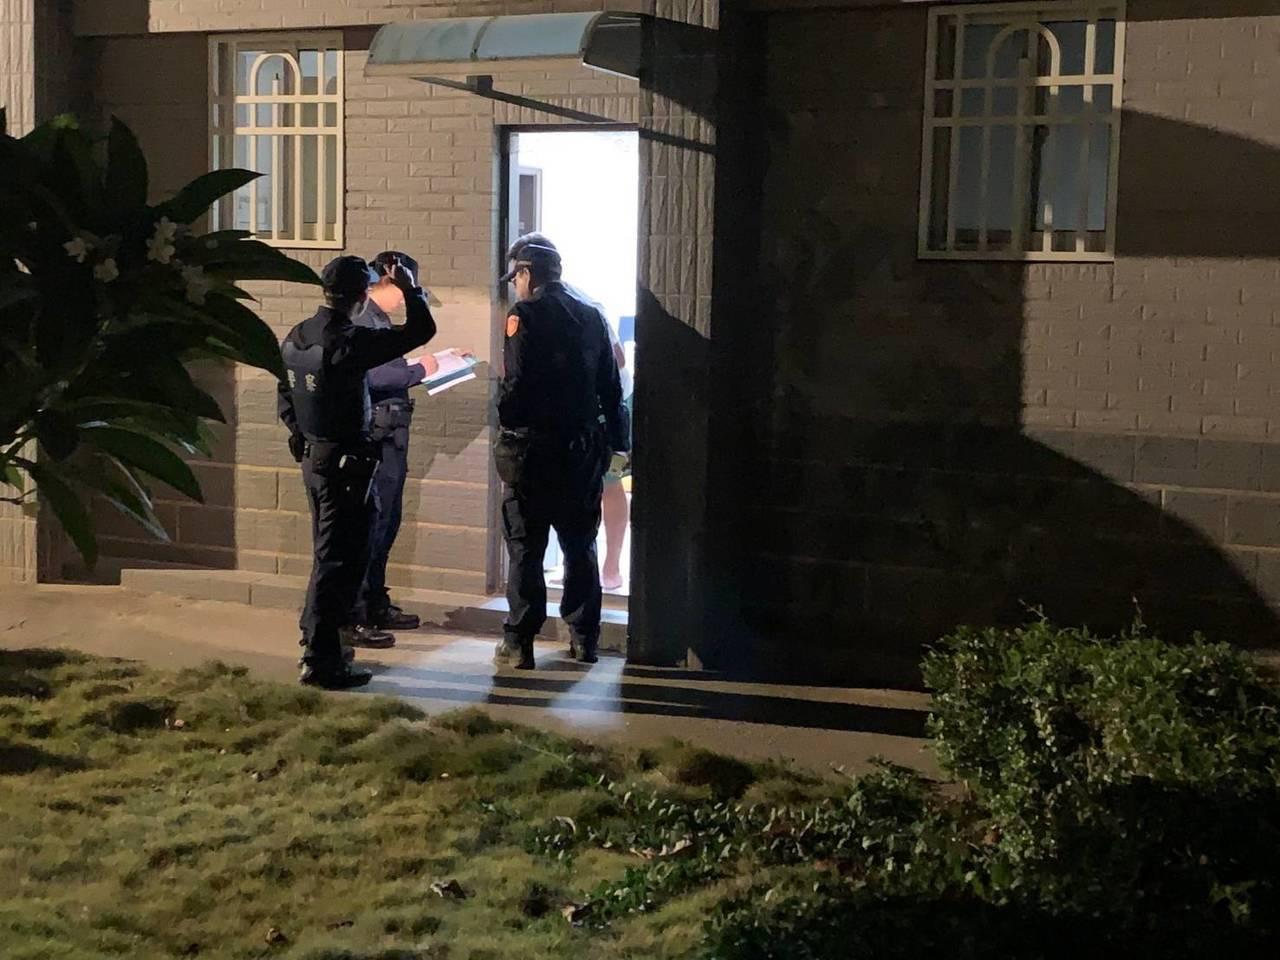 金门县警局金城分局从今年初起至今为止,已执行15次清楼专案工作,清查处所计170...